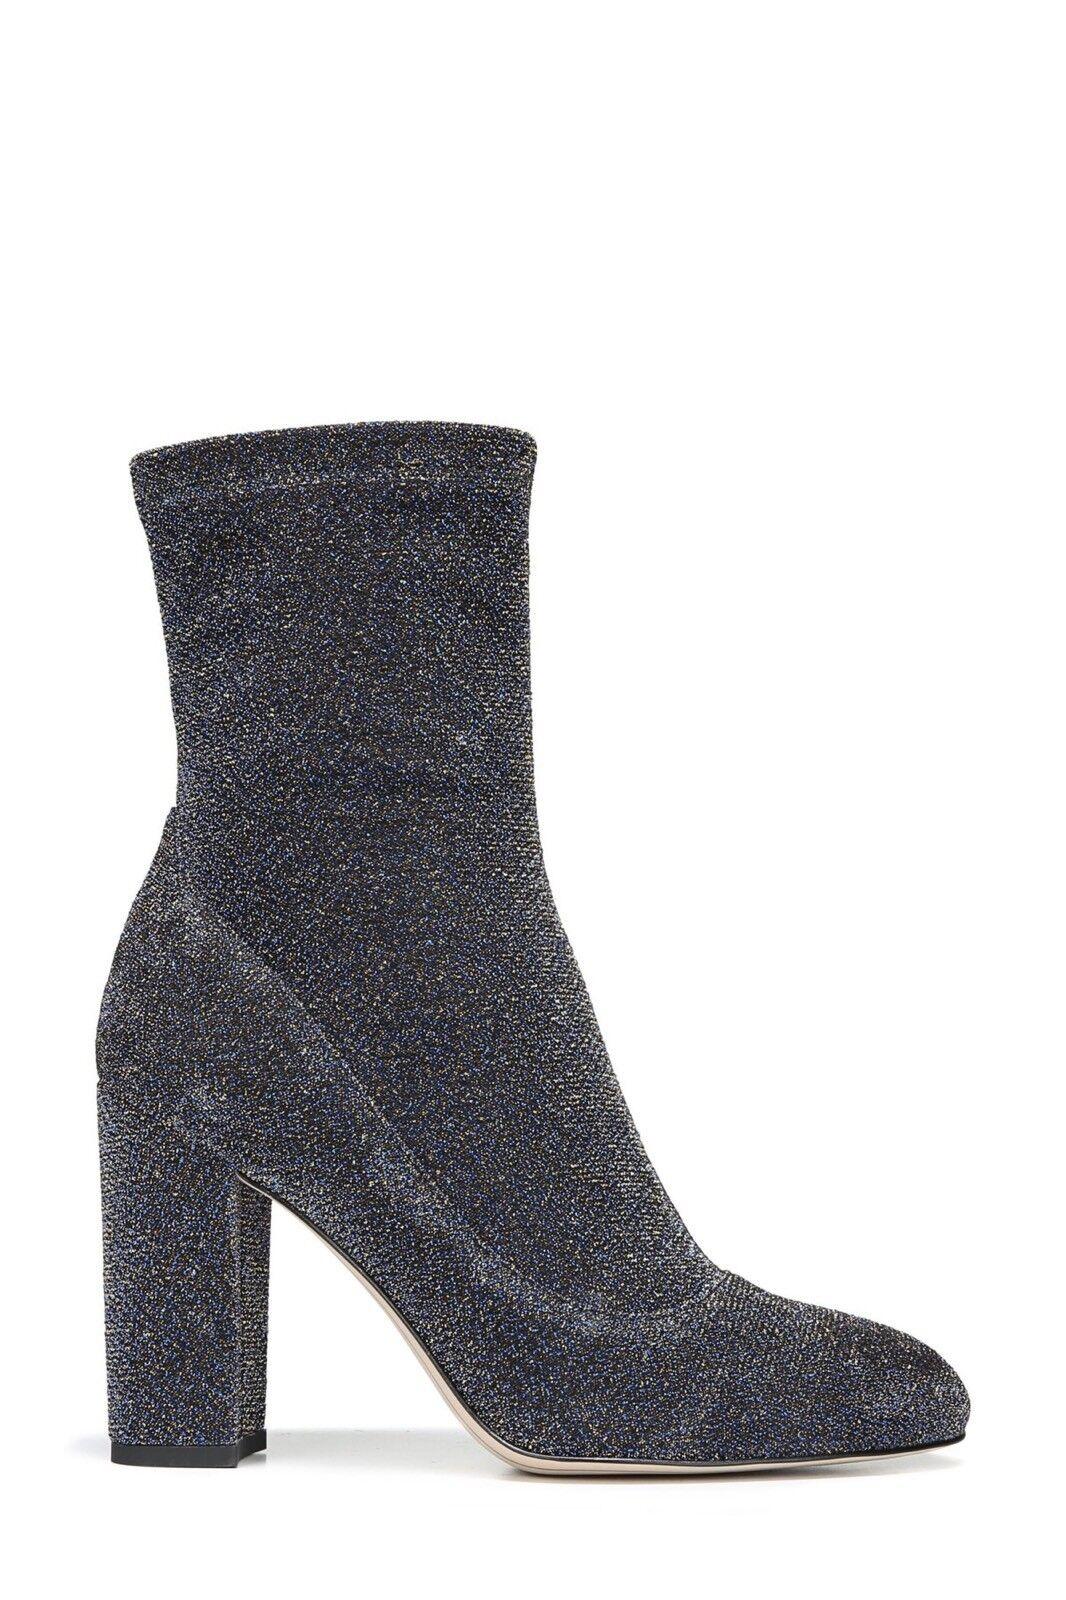 New Sam Edelman damen's Calexa Stretch Sock Stiefelies Blau Blau Blau Gold Glitter Größe 7 ec2f90